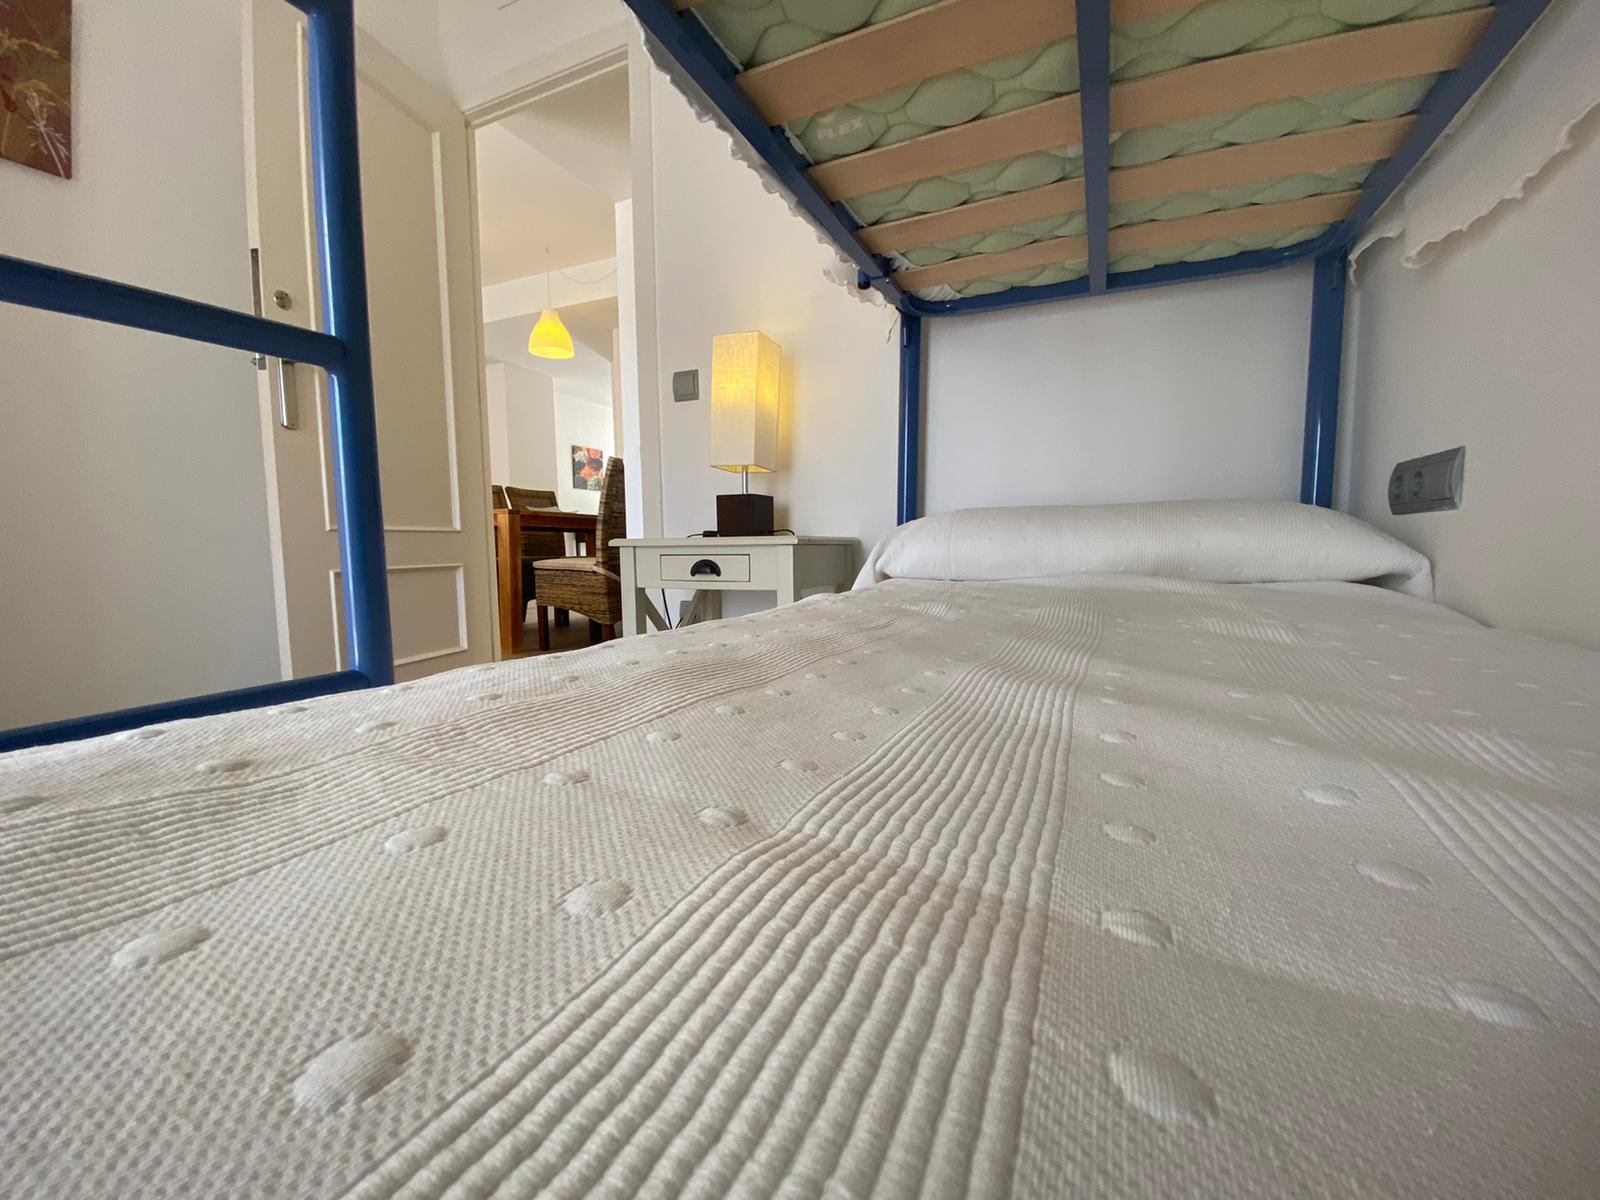 Imagen 36 del Apartamento Turístico, Ático 8 Central (3d+2b), Punta del Moral (HUELVA), Paseo de la Cruz nº22